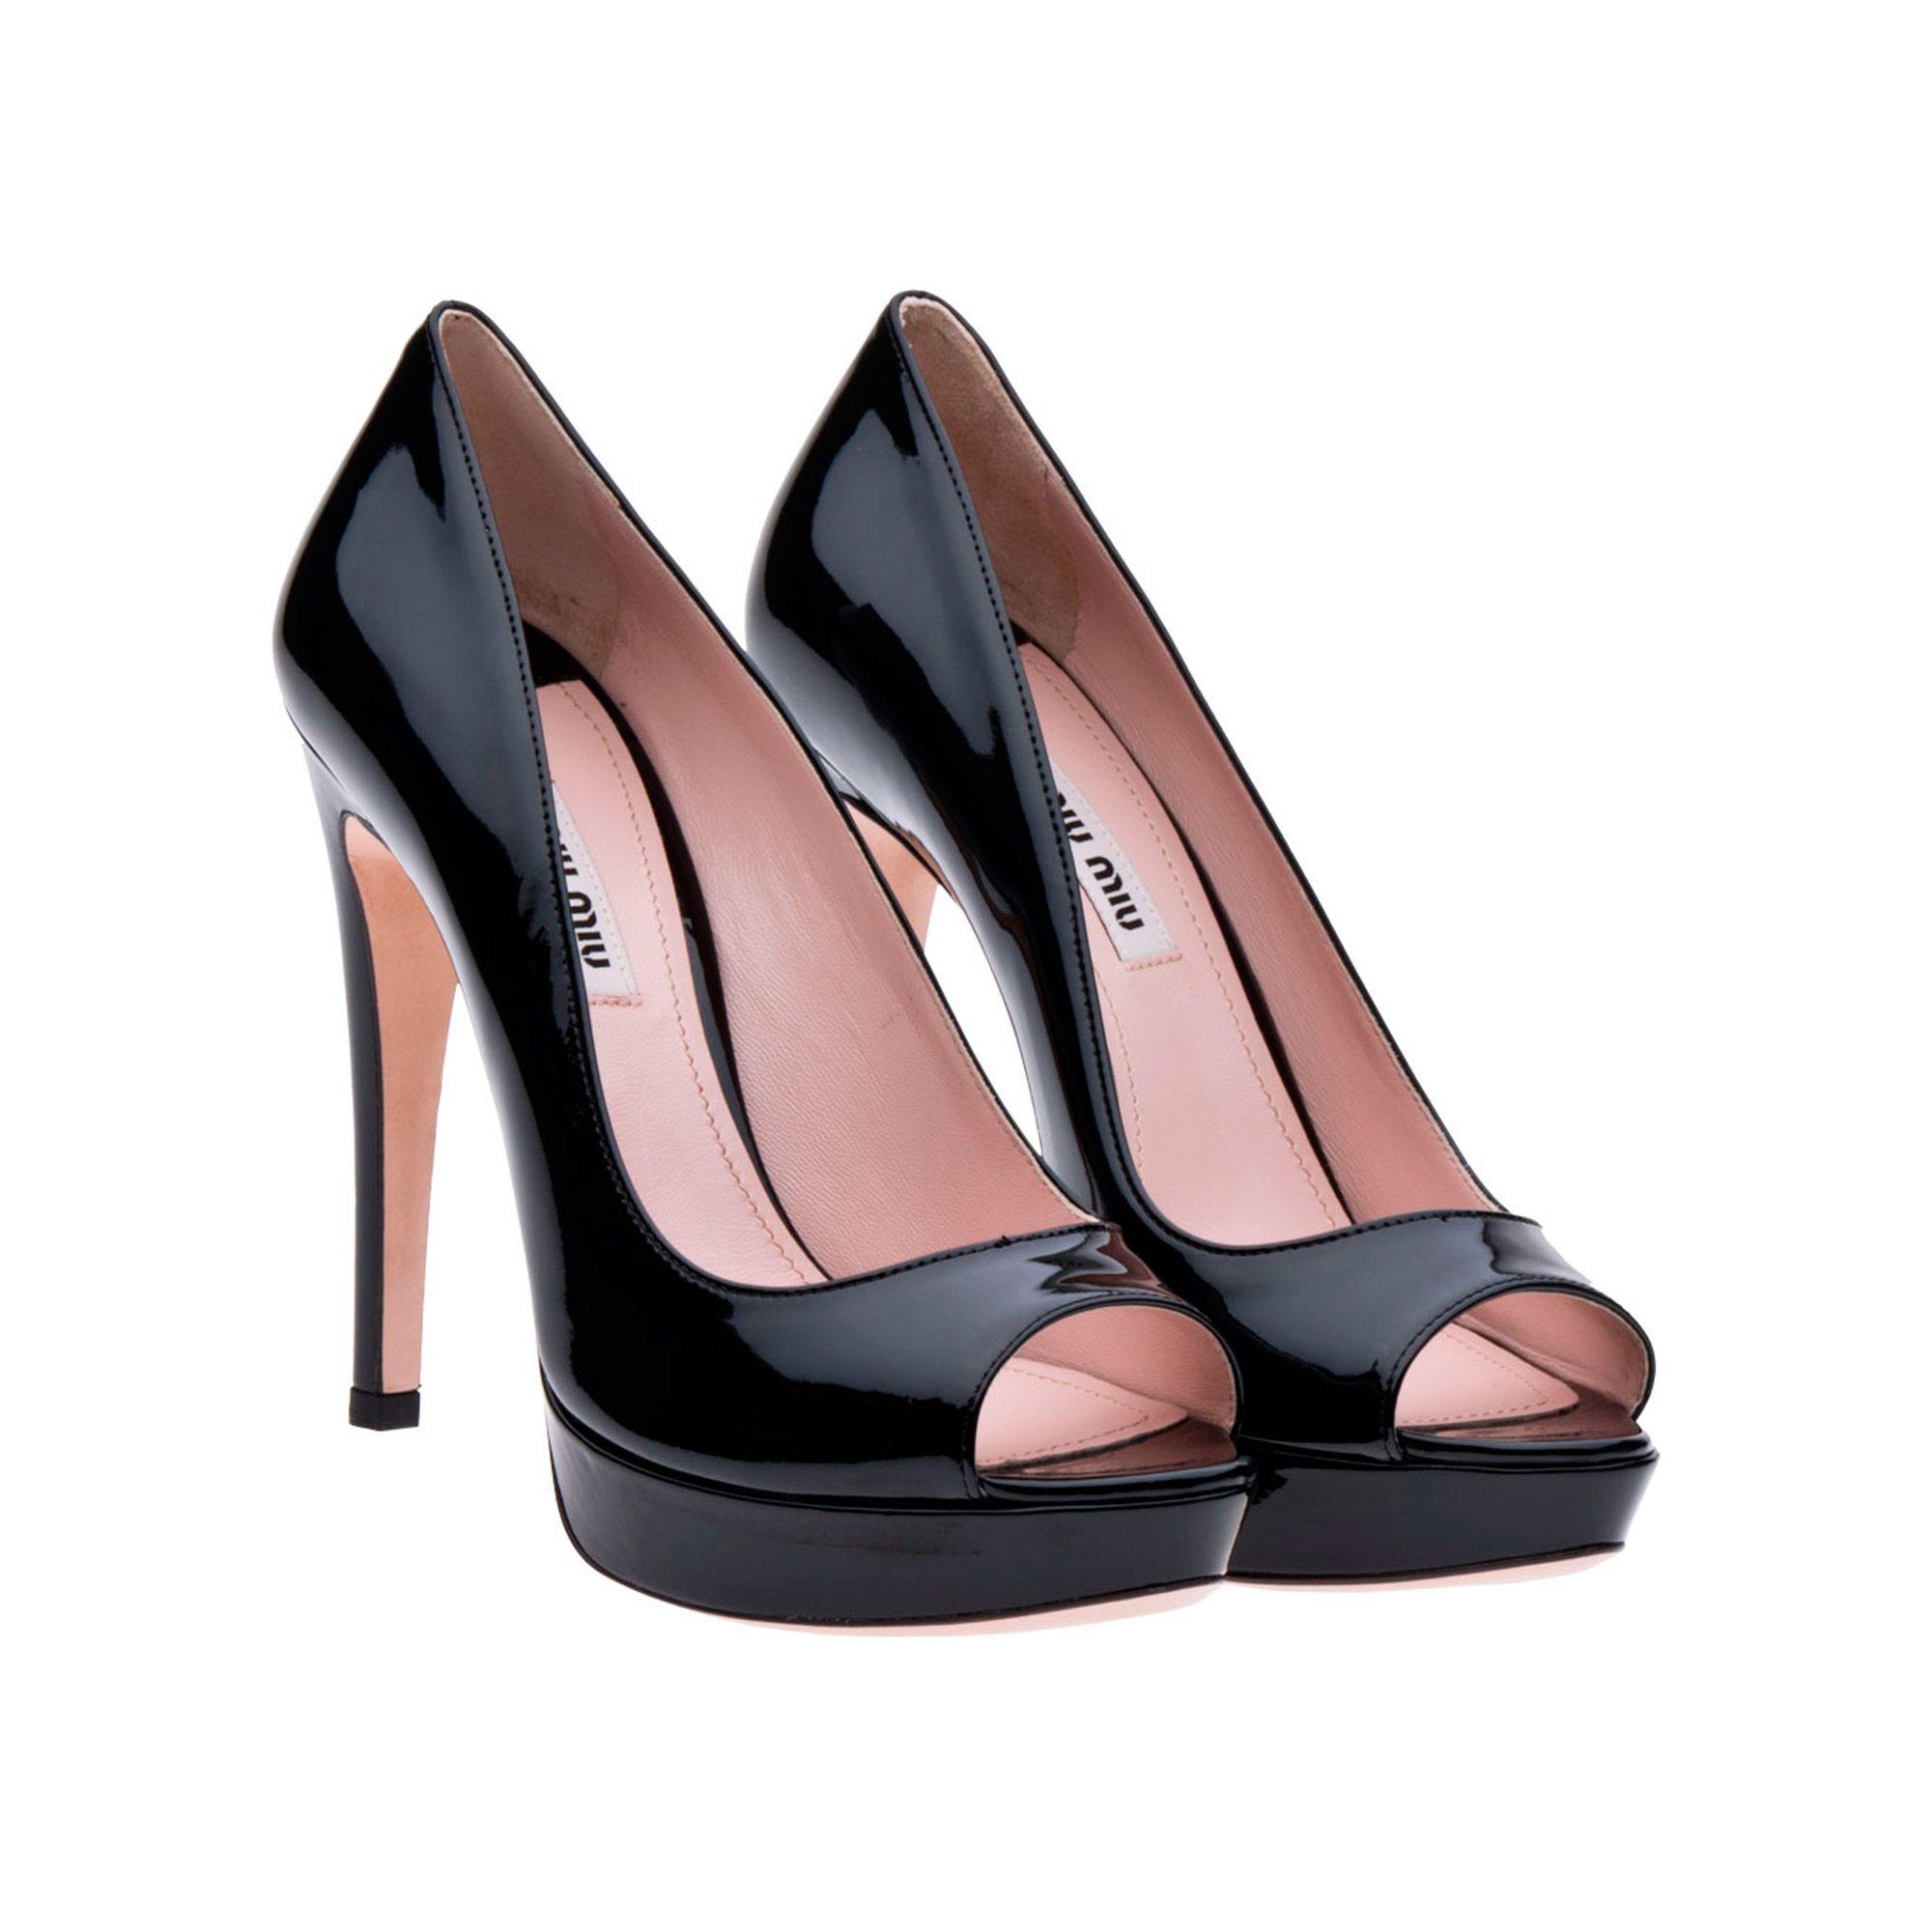 75aef03e6f81 Miu Miu patent leather open-toe platform pumps black 1